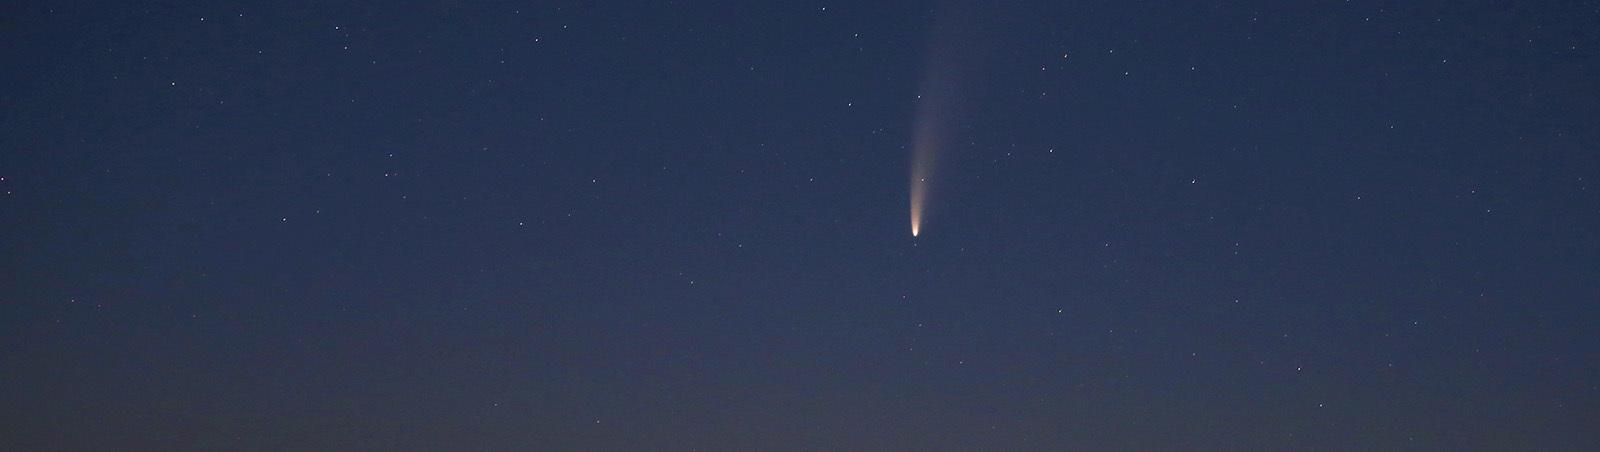 12.07.2020, Bayern, Bad Wörishofen: Der Komet Neowise oder C/2020 F3 ist vor Sonnenaufgang gegen 3.30 Uhr am Sternenhimmel zu sehen.